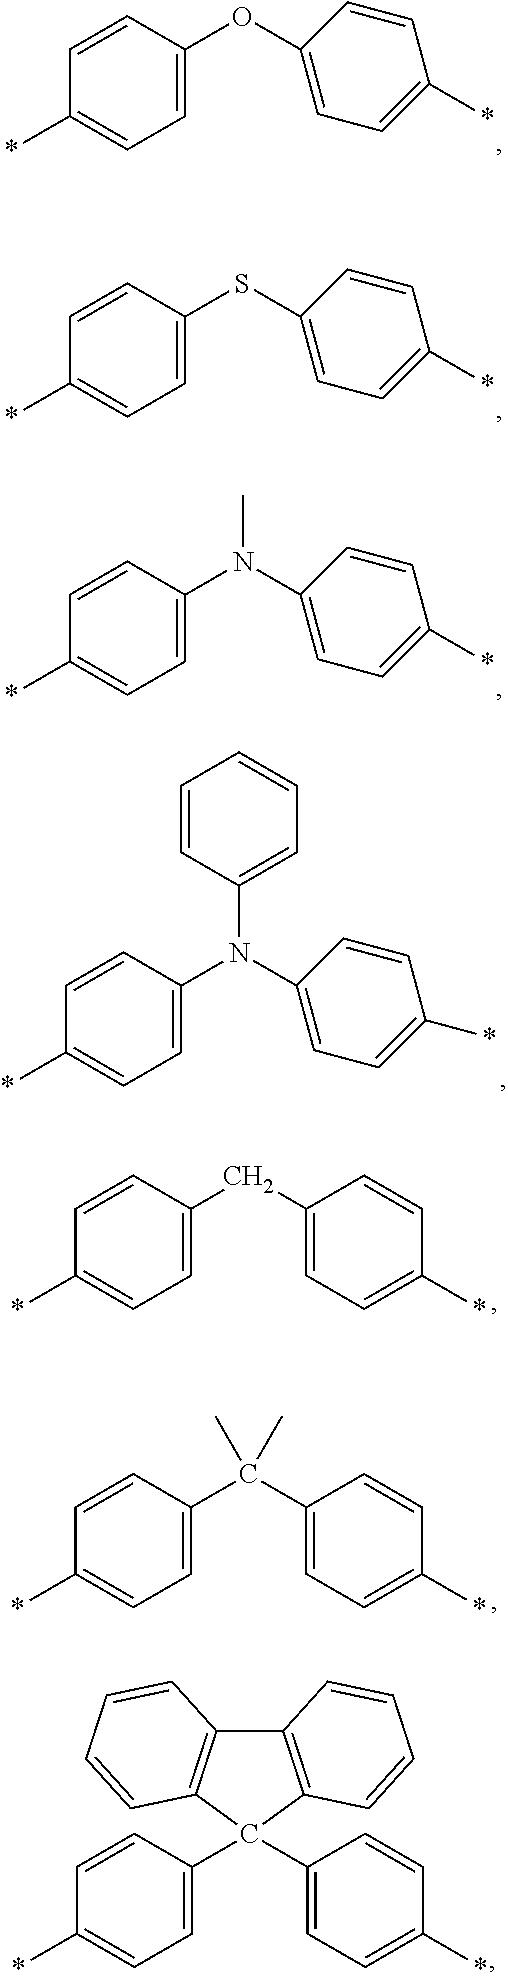 Figure US20150104579A1-20150416-C00019